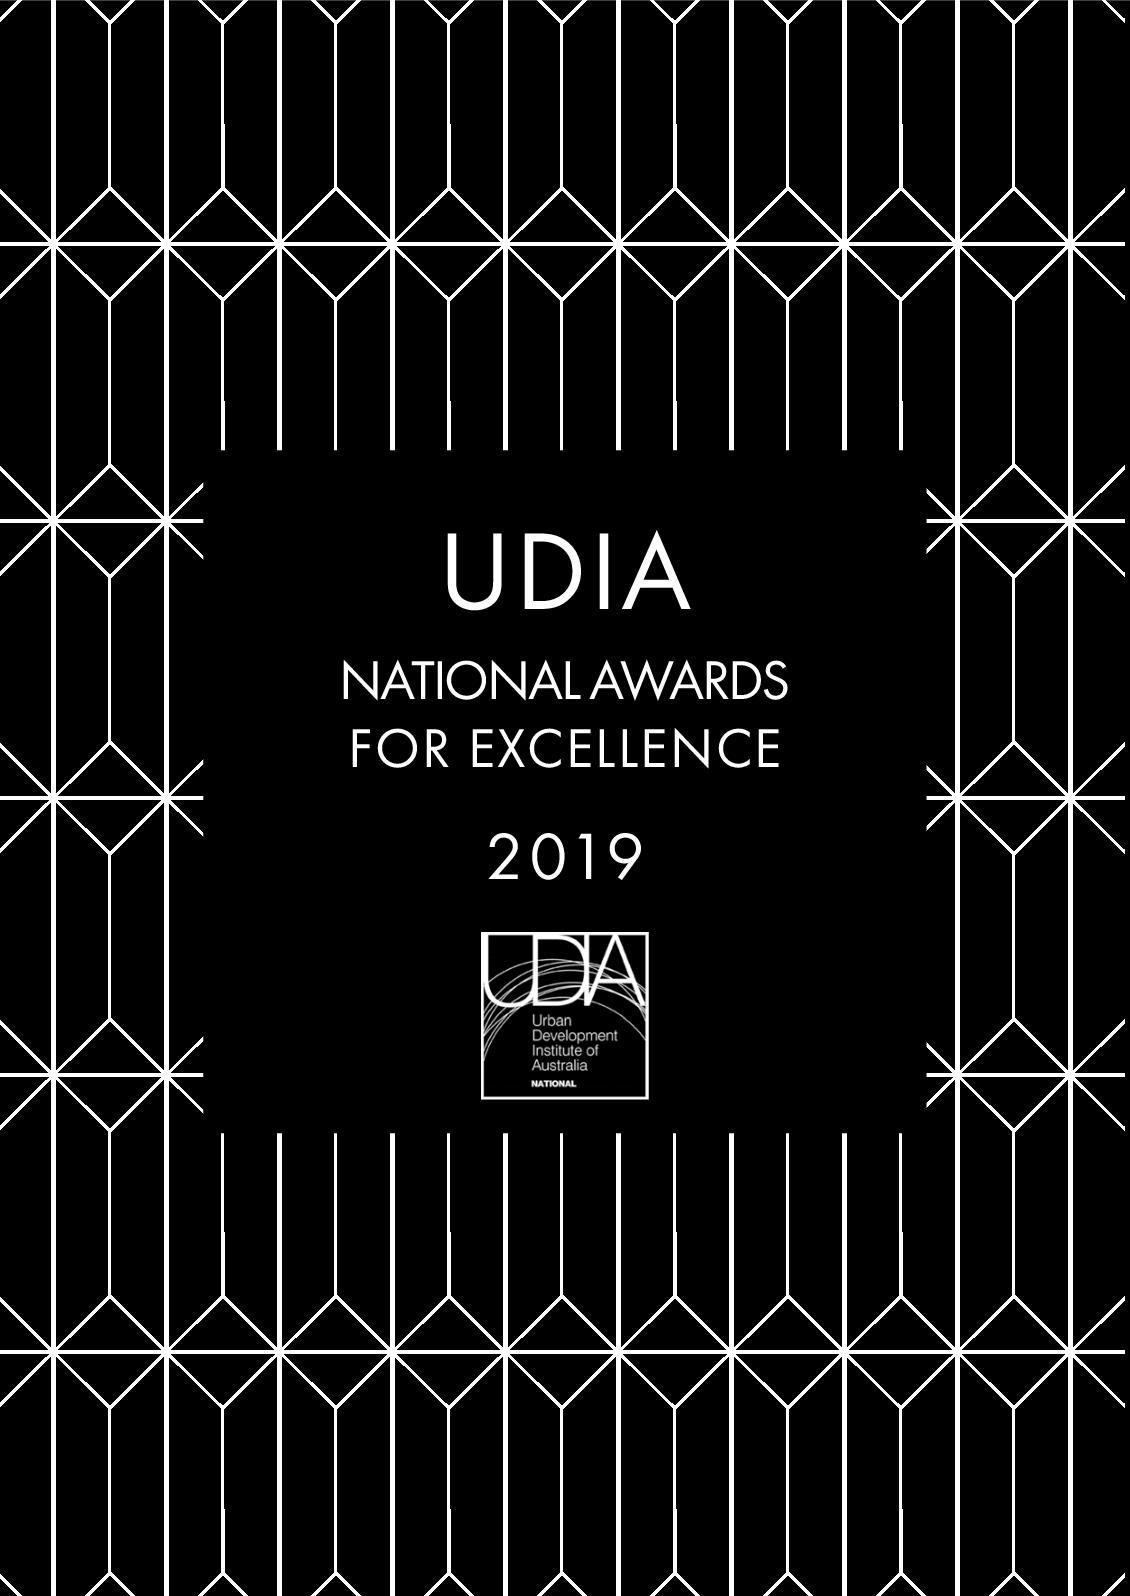 Calaméo - UDIA National Awards 2019